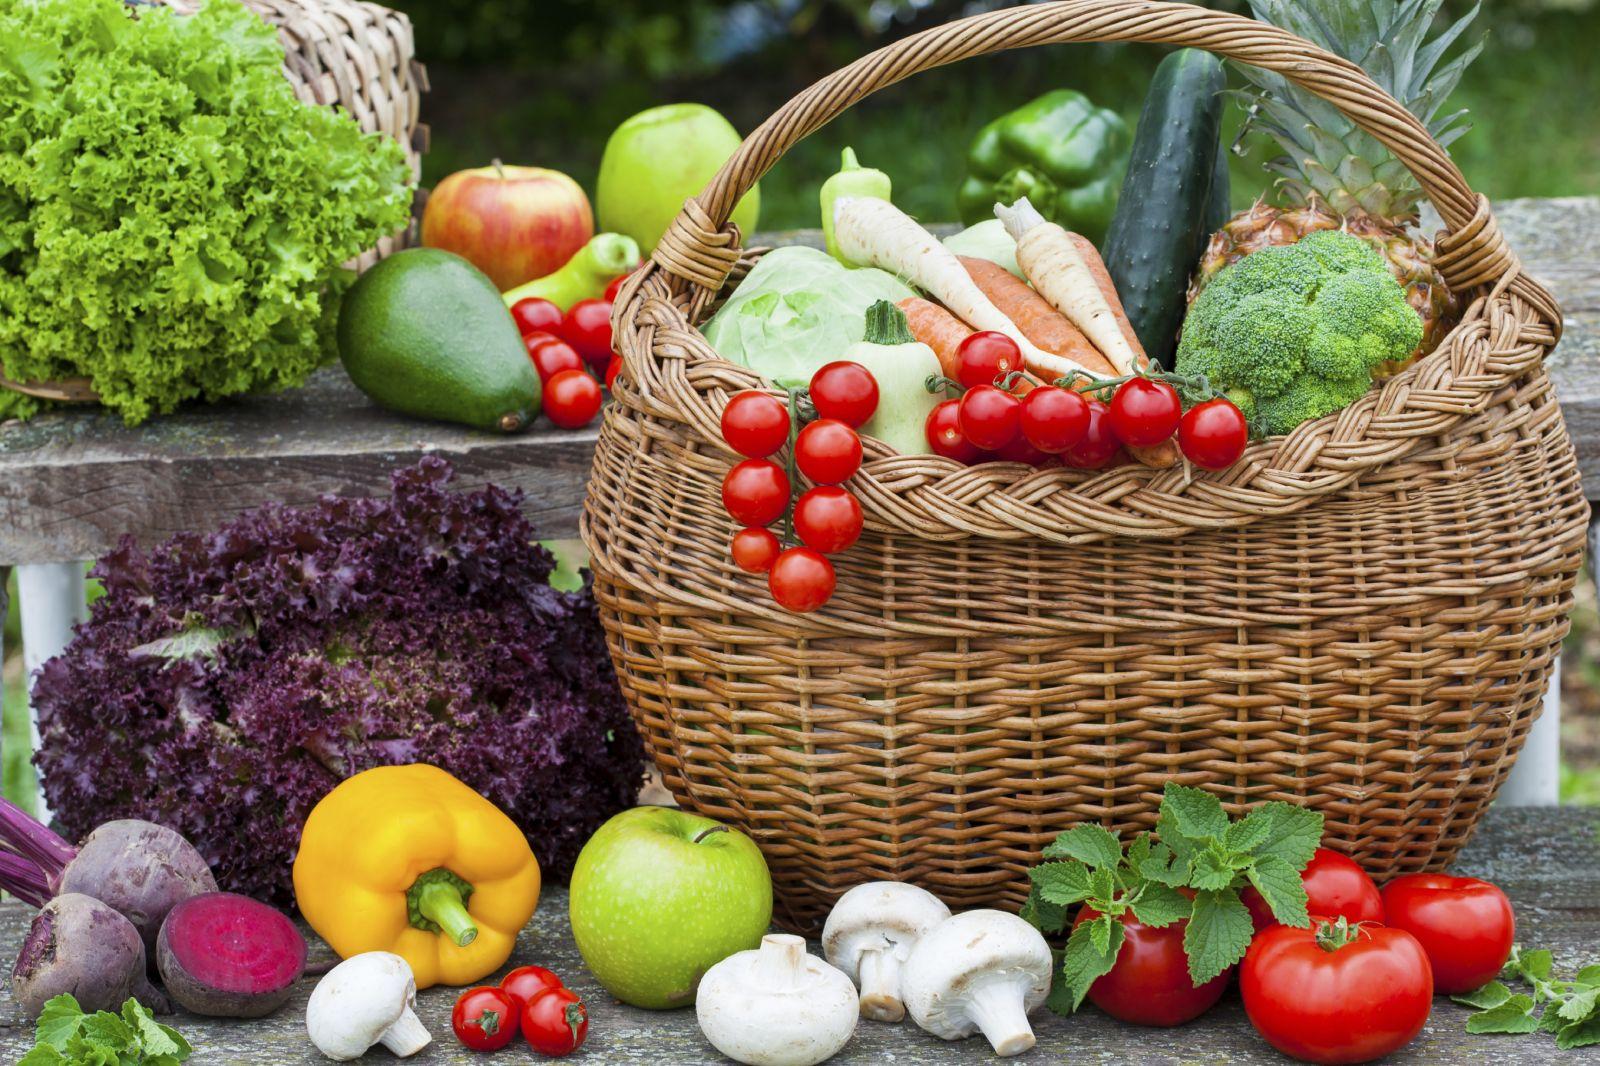 خوردن میوهها و سبزیجات و از دست دادن حافظه